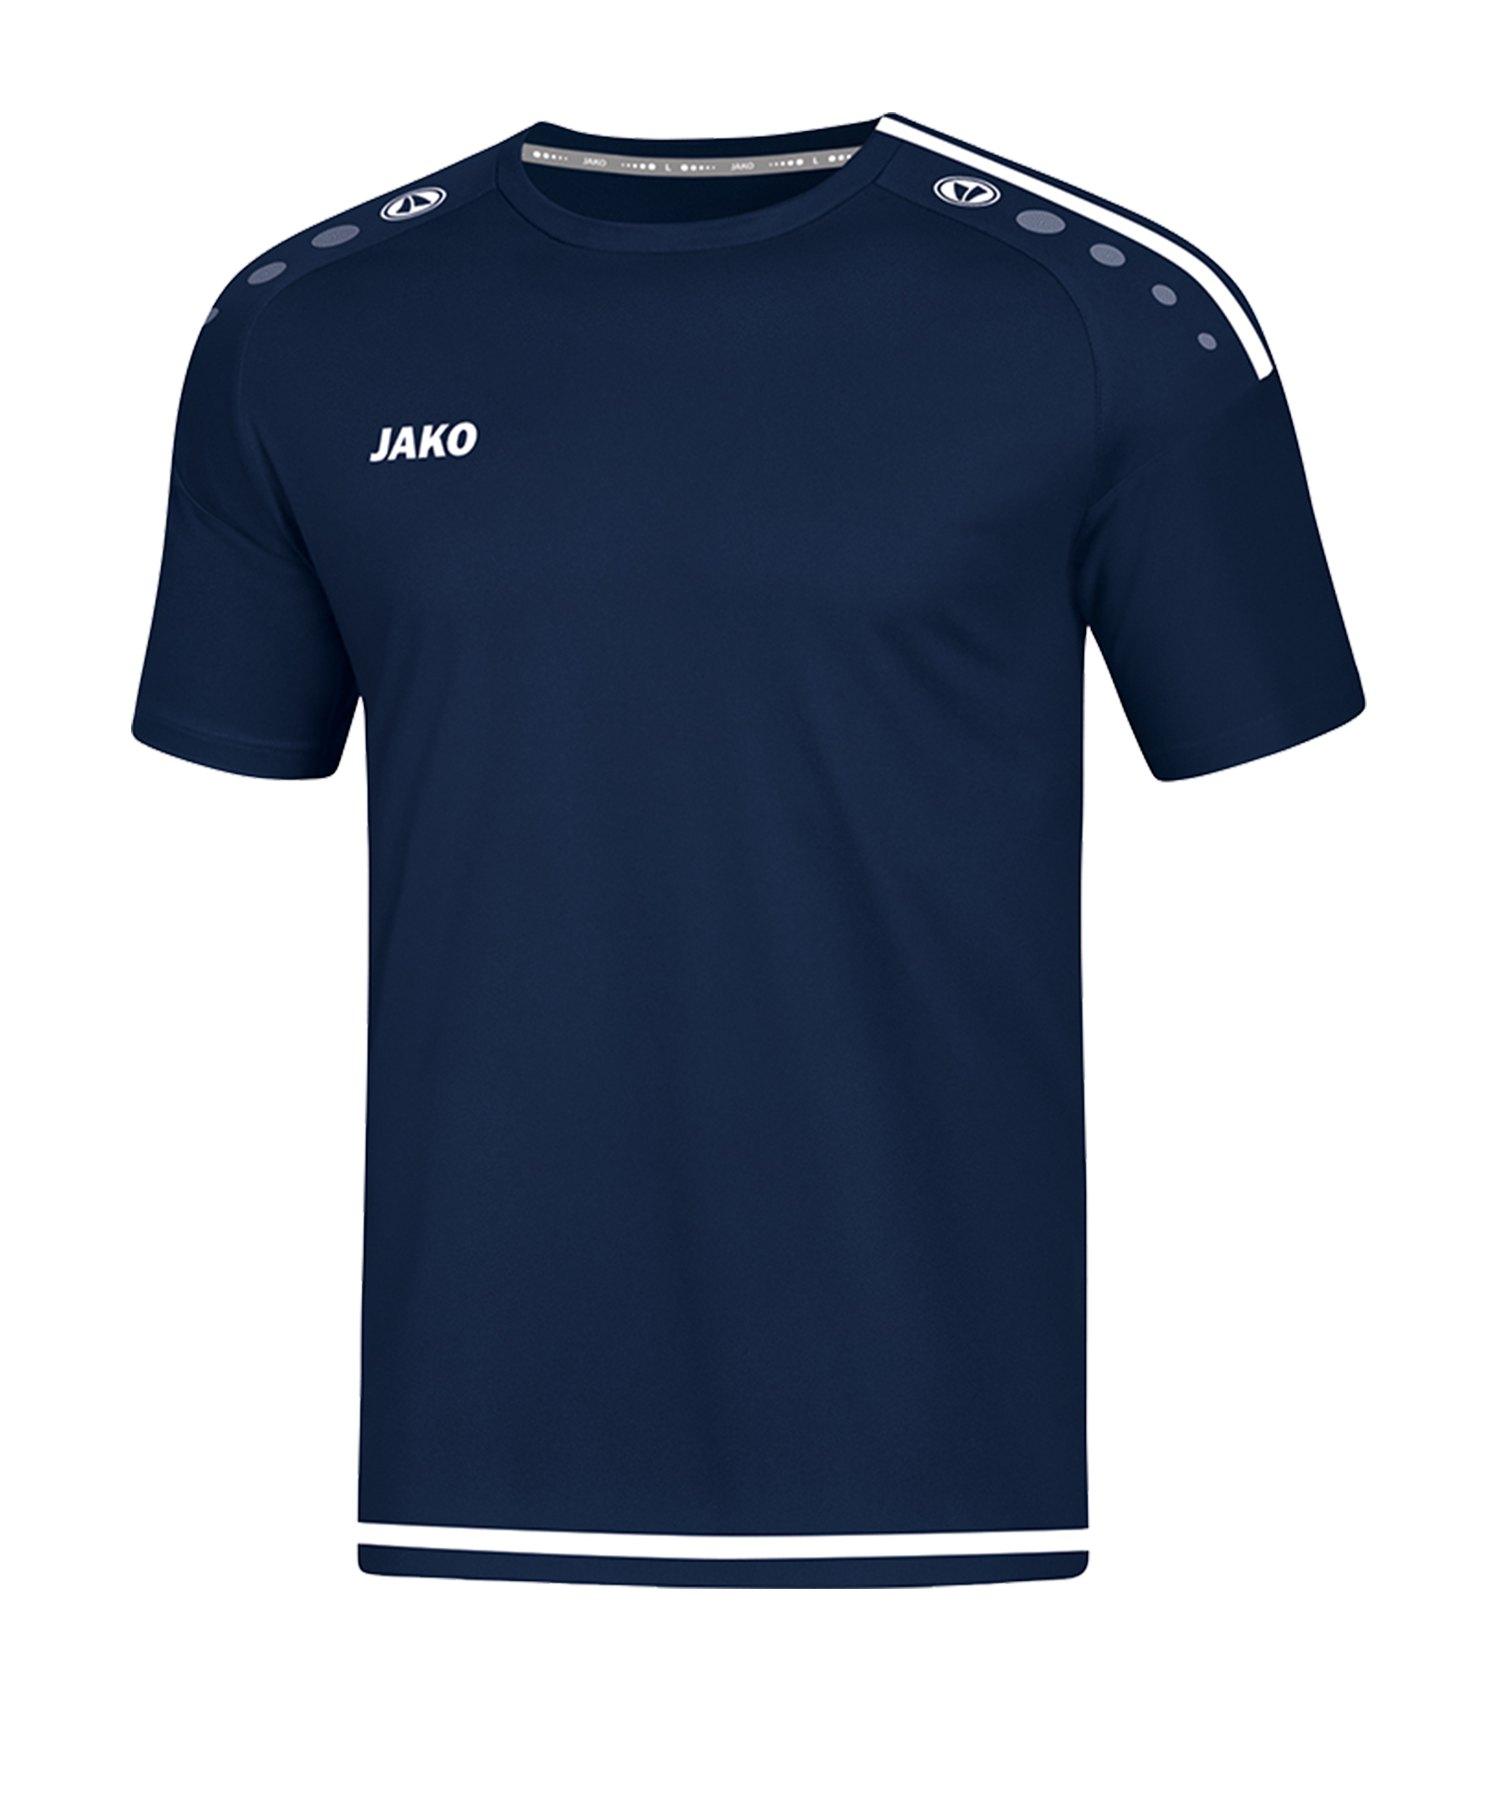 Jako Striker 2.0 Trikot kurzarm Blau Weiss F99 - Blau